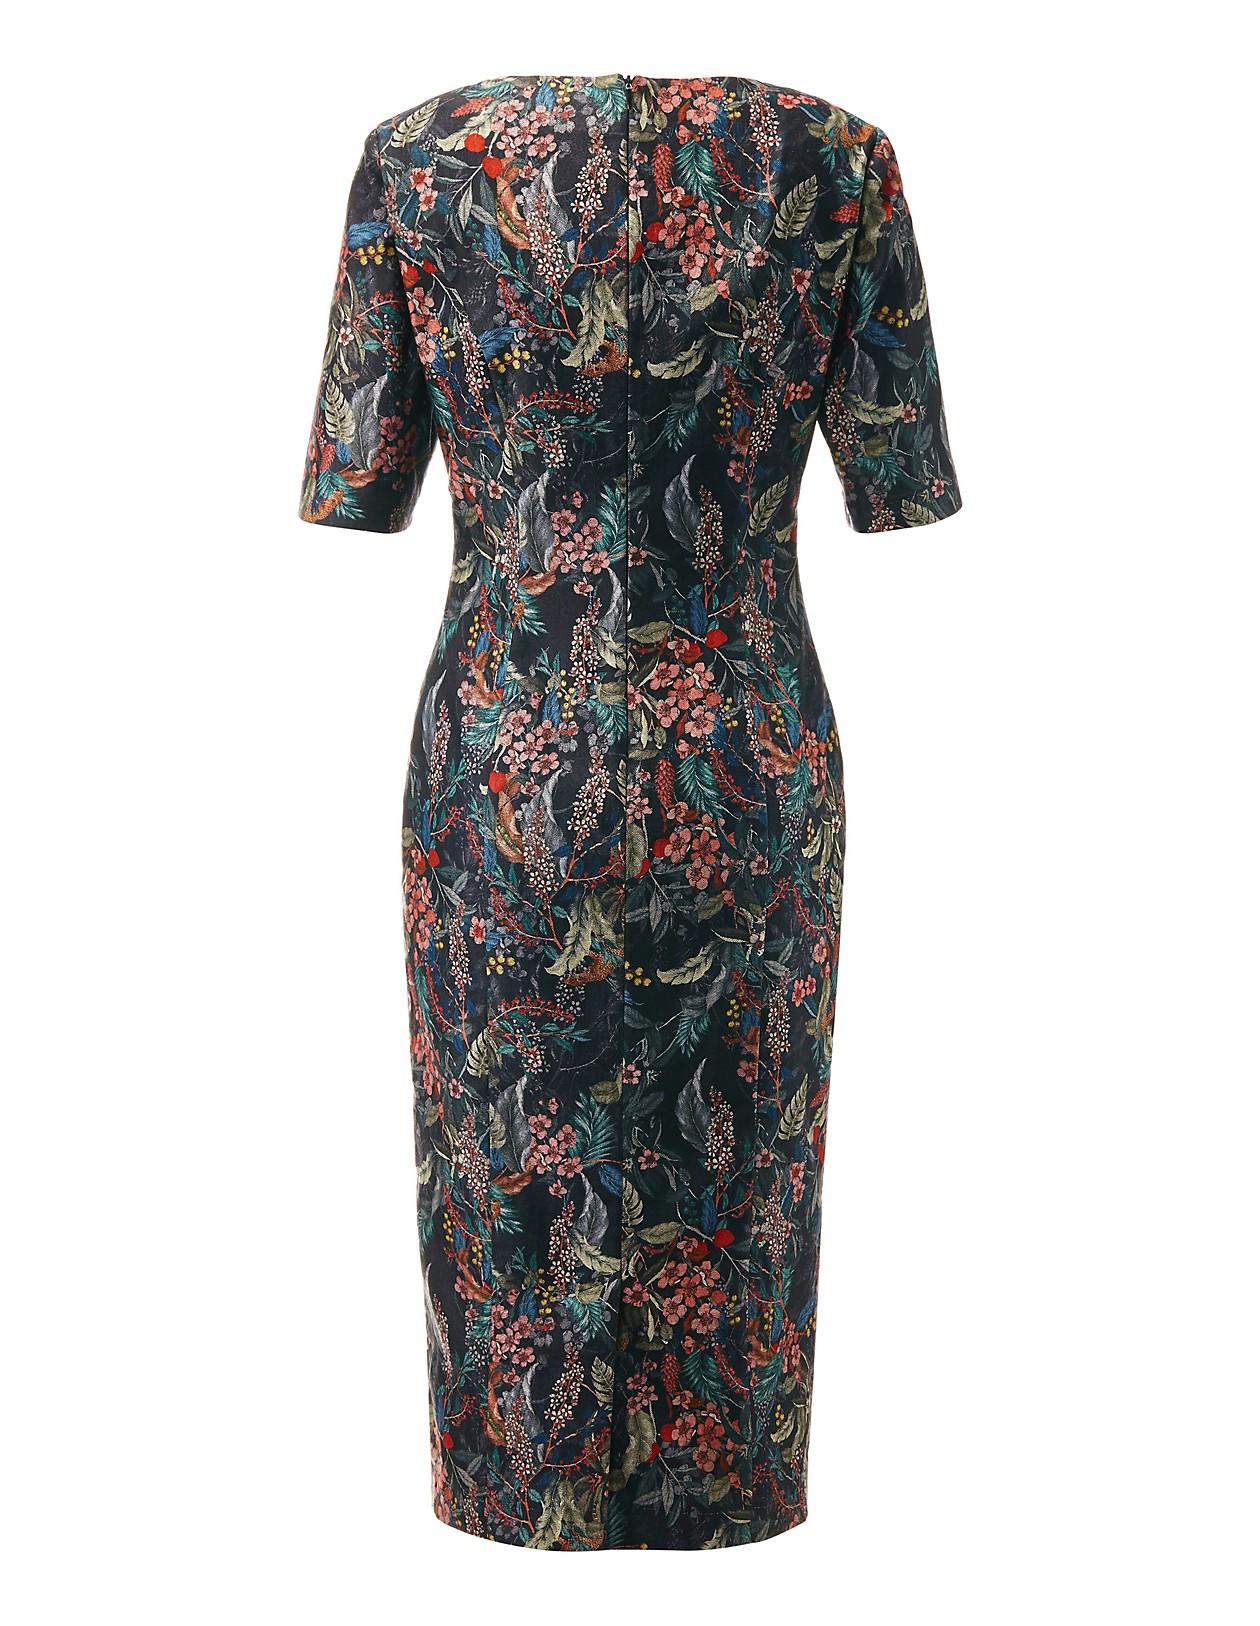 e4ec4d75c583e5 Etui-Kleid mit Floral-Dessin, schwarz/multicolor, blau, rot, schwarz ...